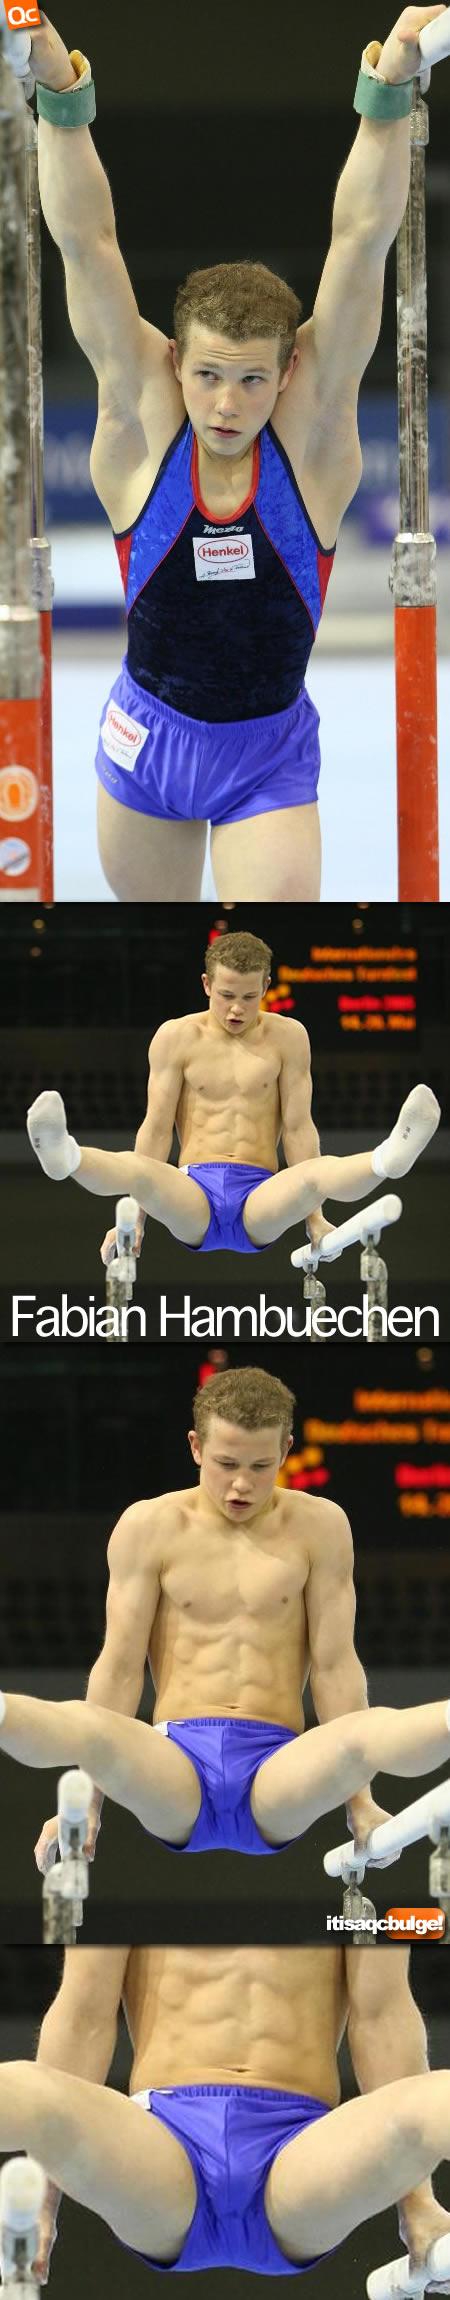 Hambüchen nude fabian Fabian Hambüchen